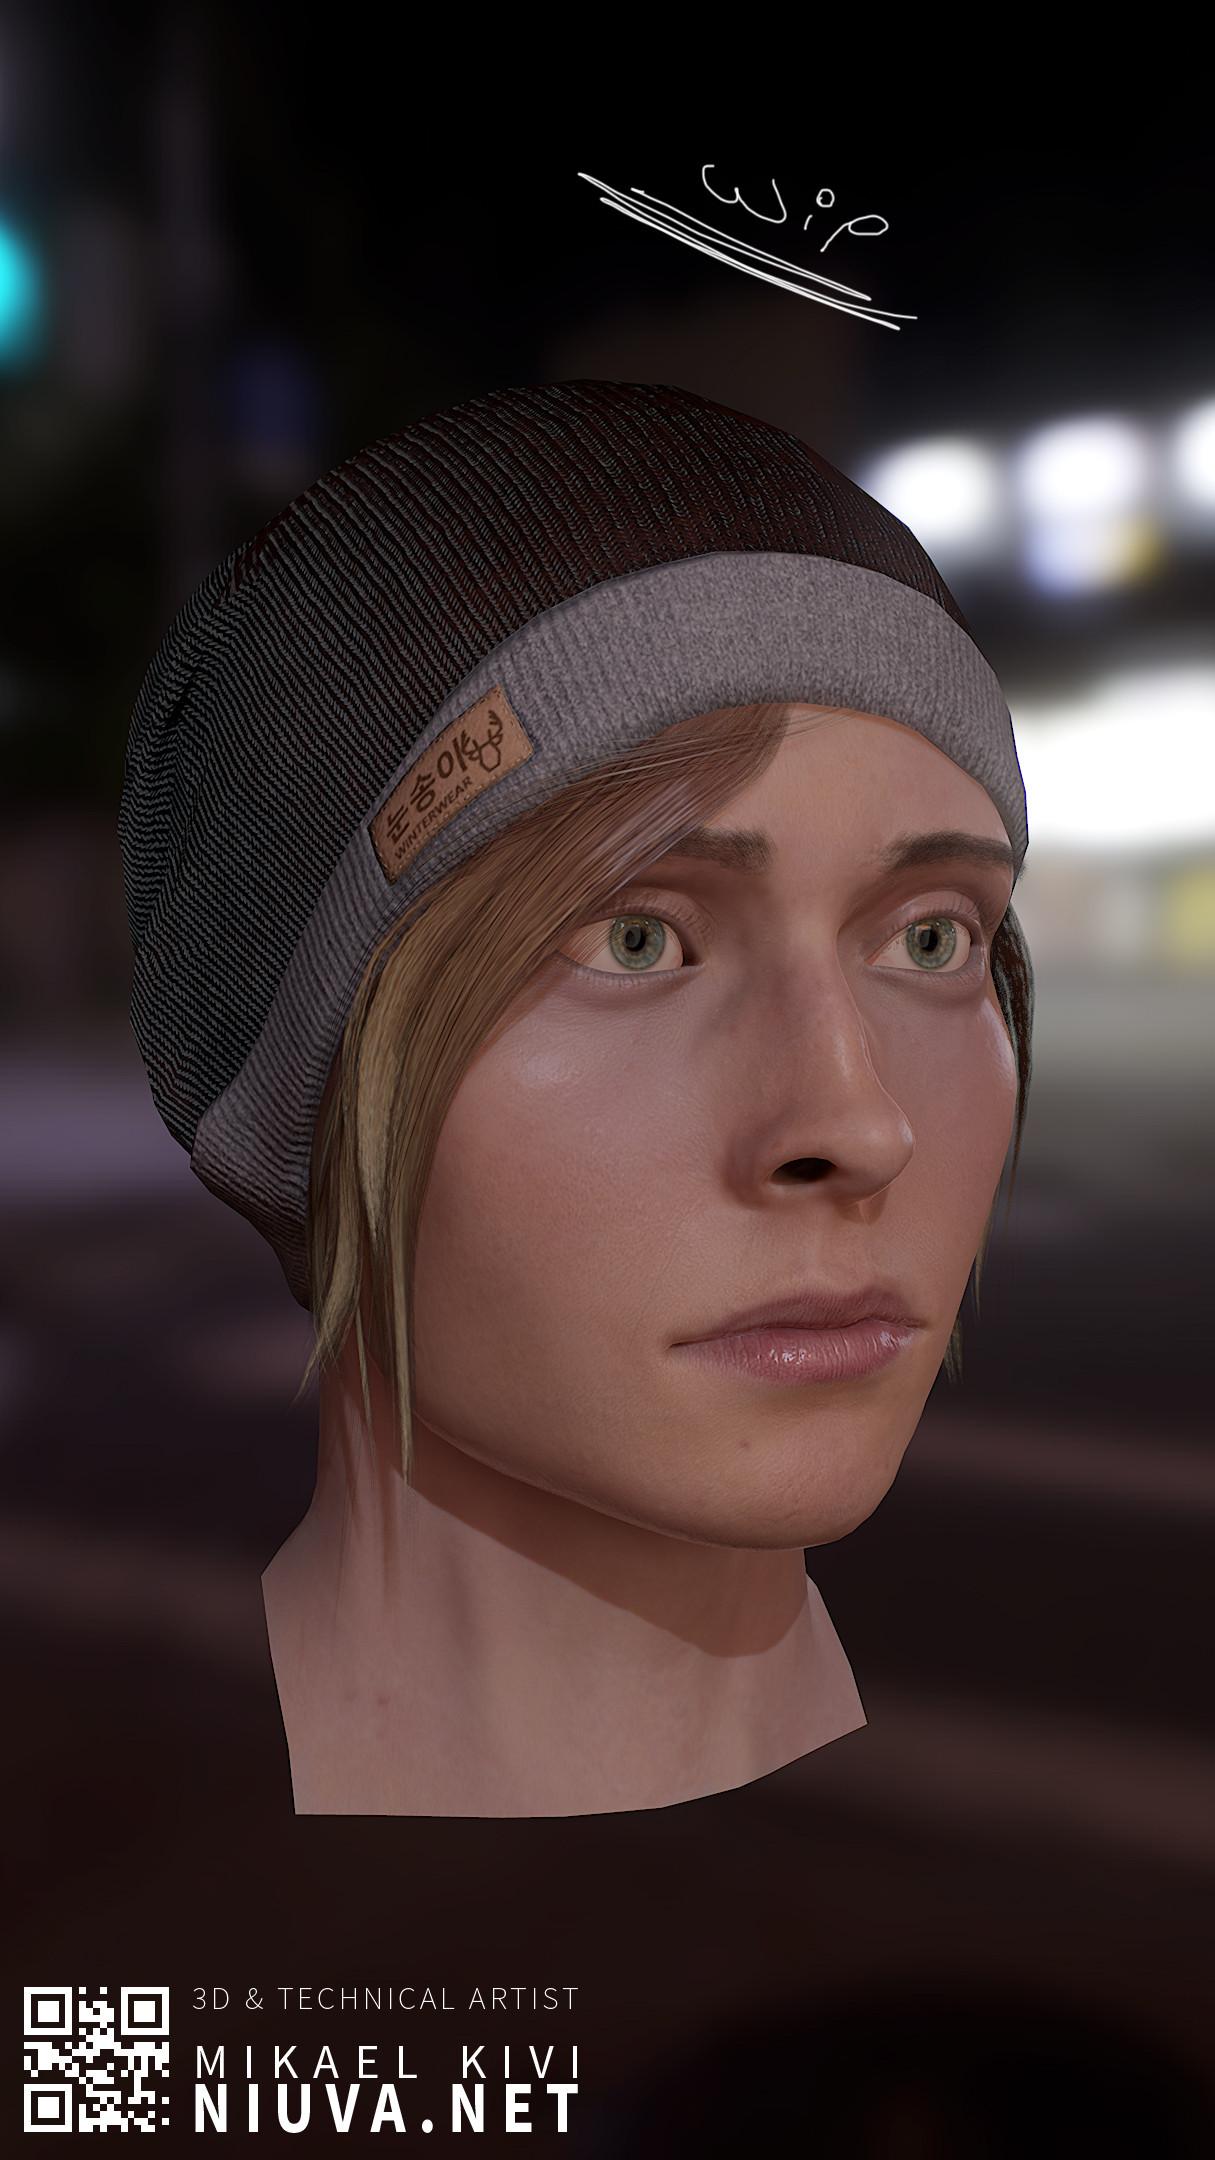 Mikael kivi female face02